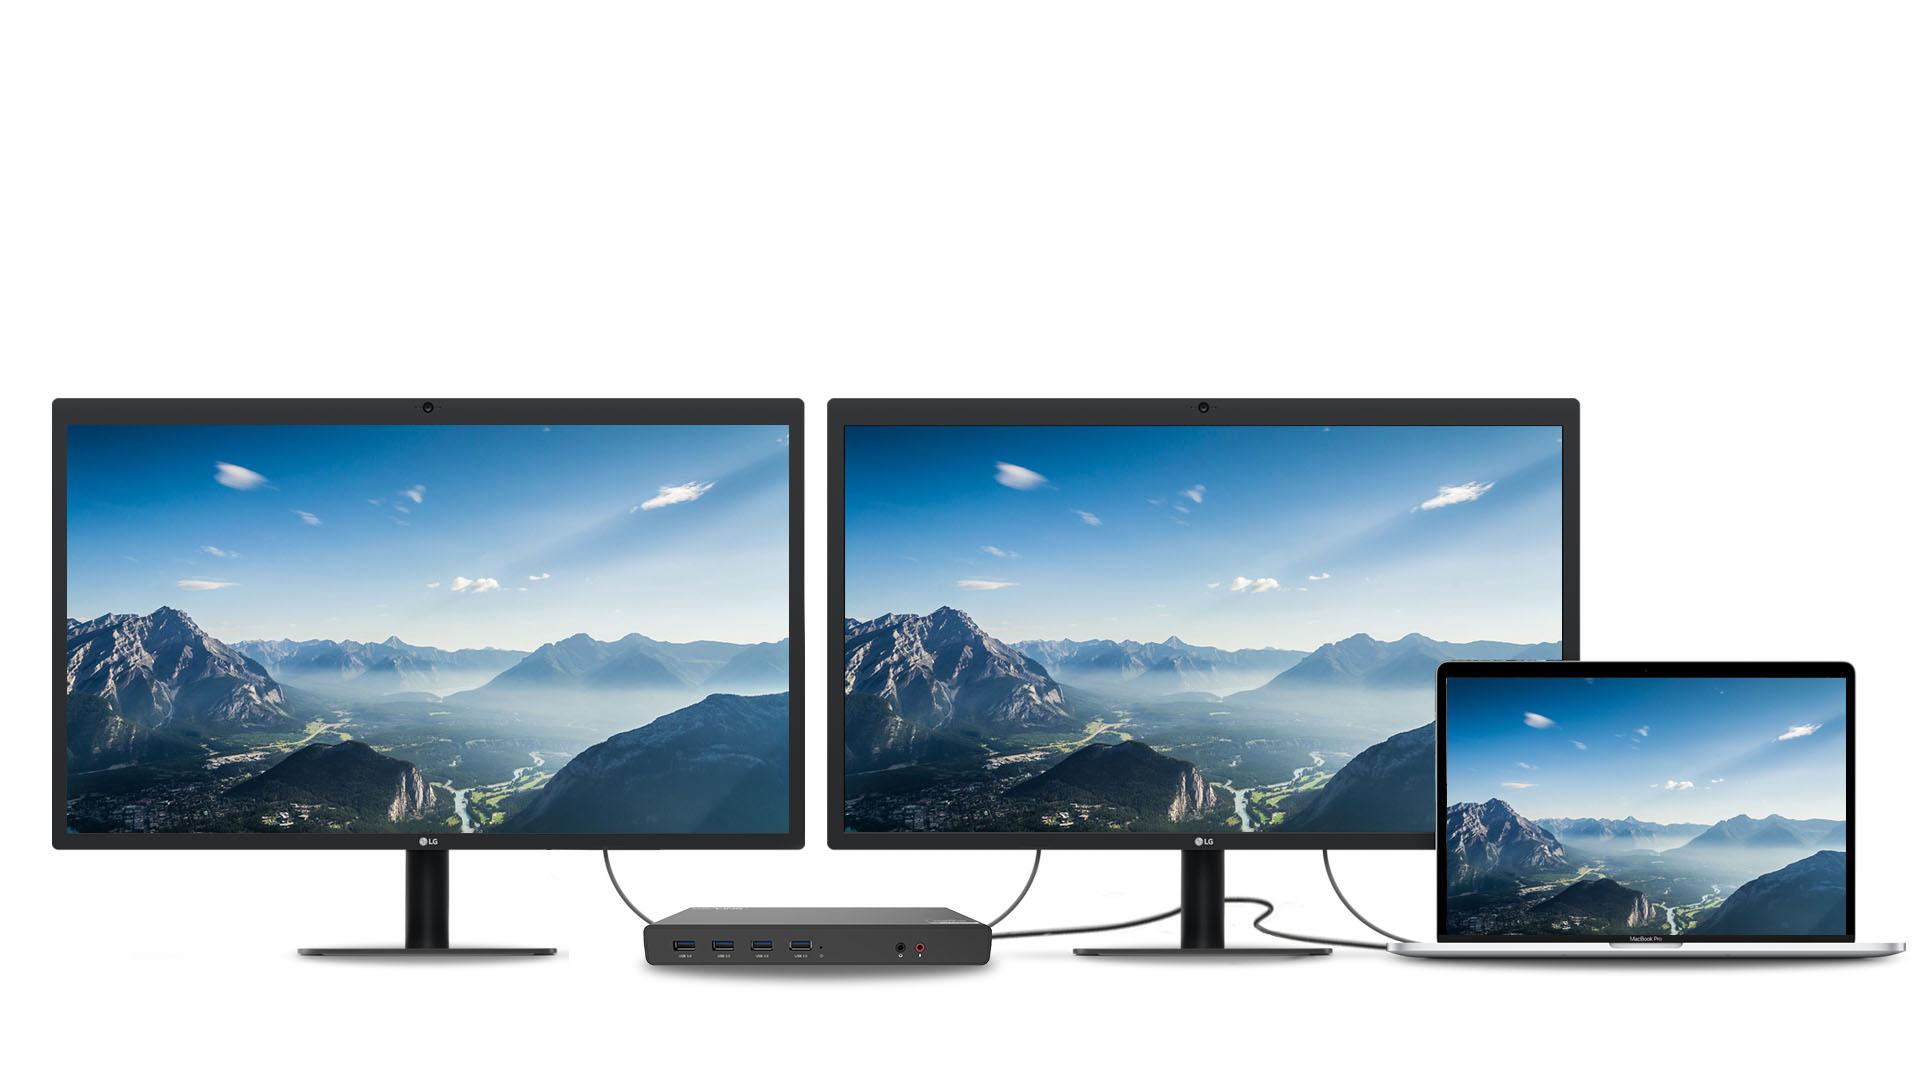 支持同时扩展两台显示器